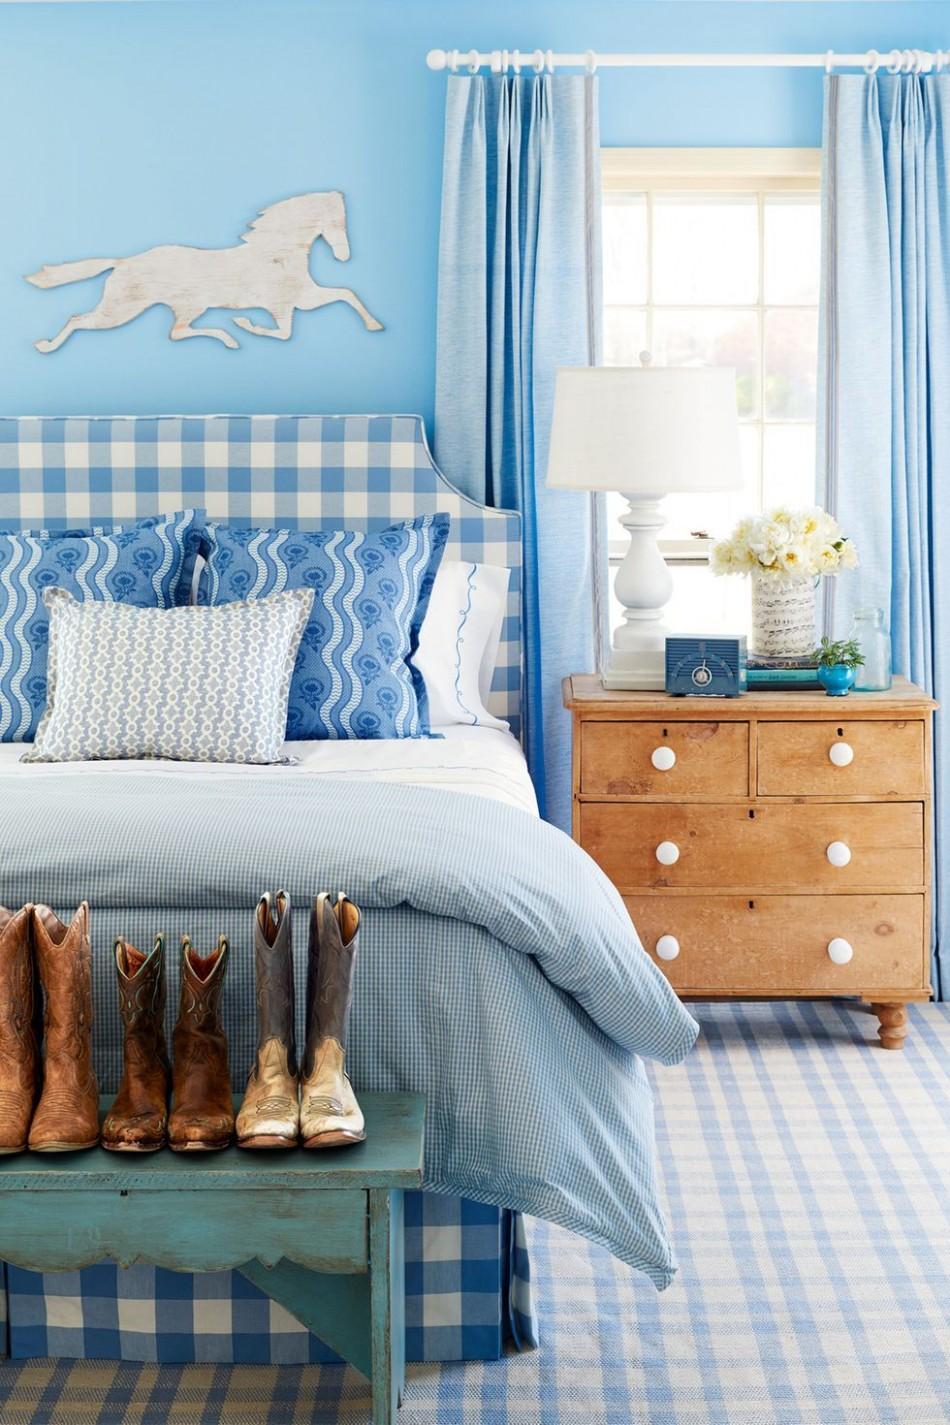 12 Cool Teen Bedroom Ideas - Modern Teen Bedroom Decor - Bedroom Ideas Themes